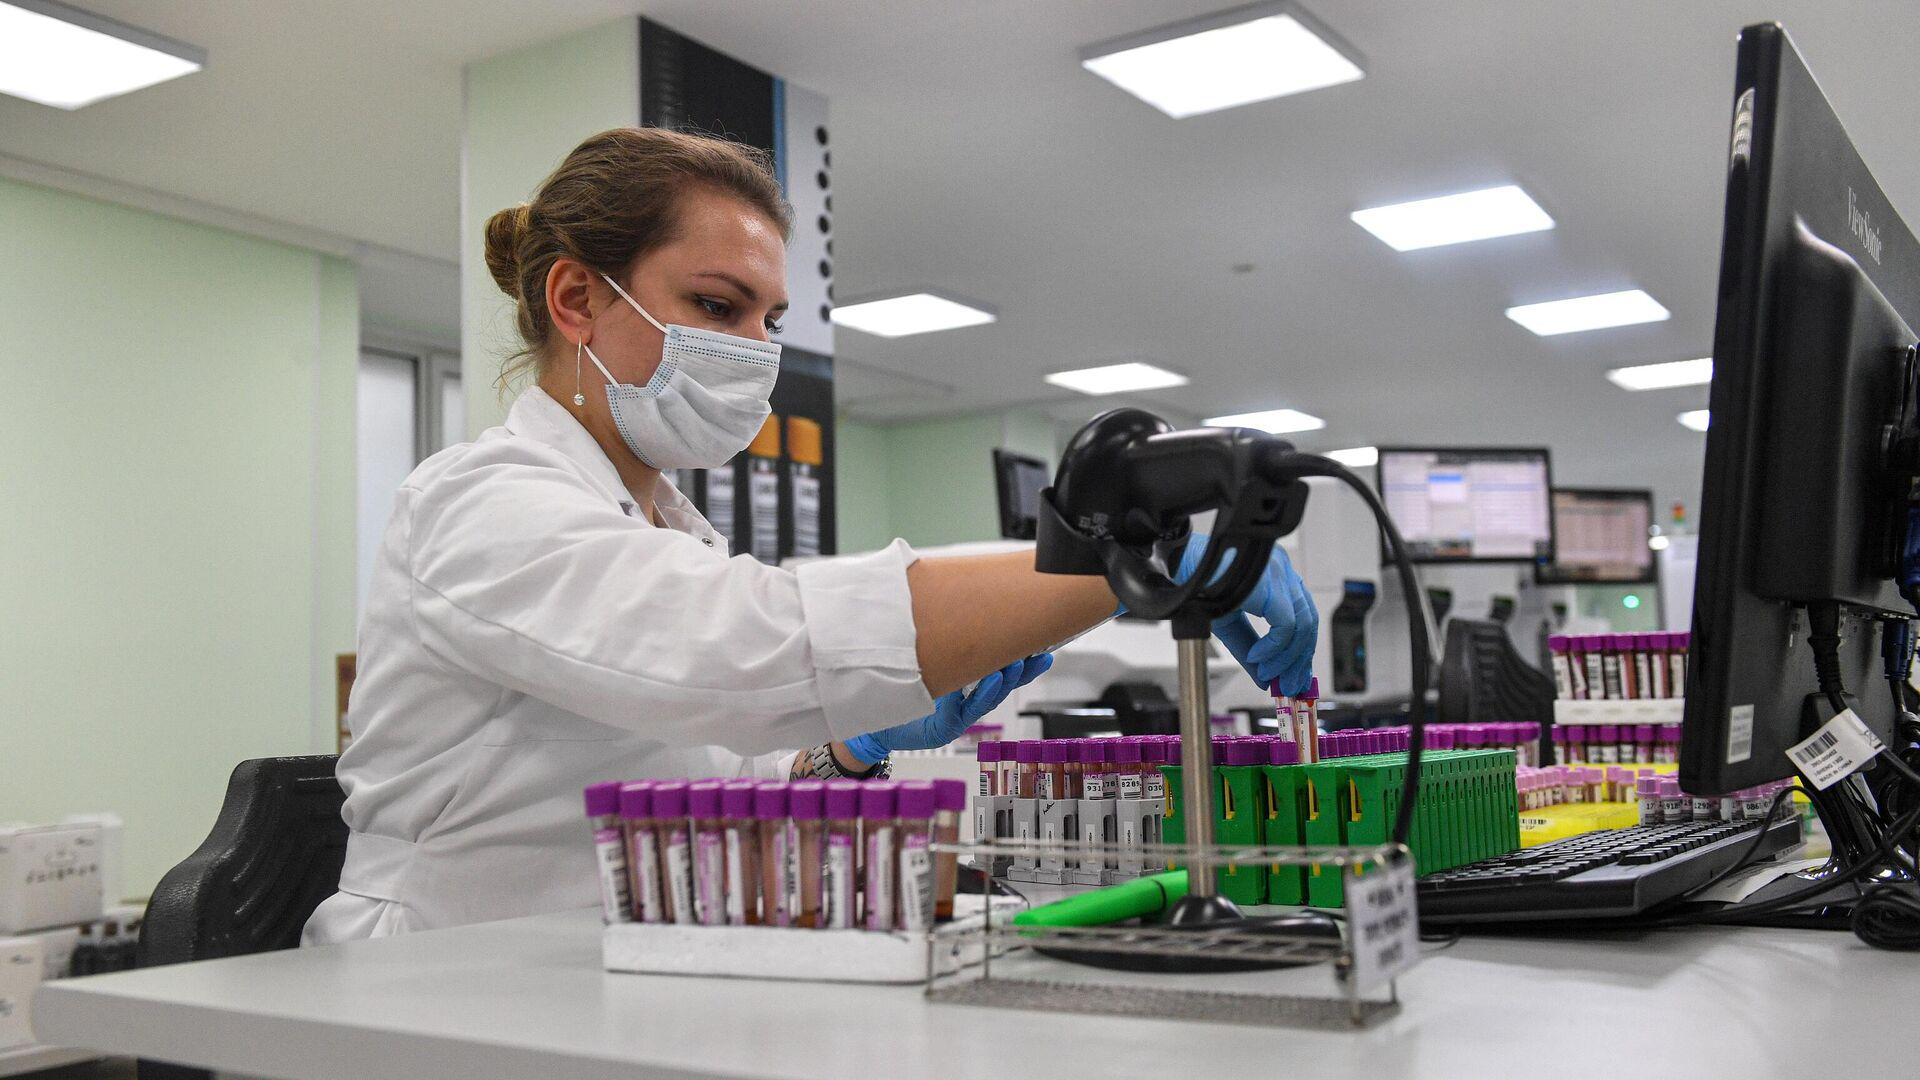 Производство тестов на антитела к COVID-19 в лаборатории Хеликс - РИА Новости, 1920, 18.10.2020